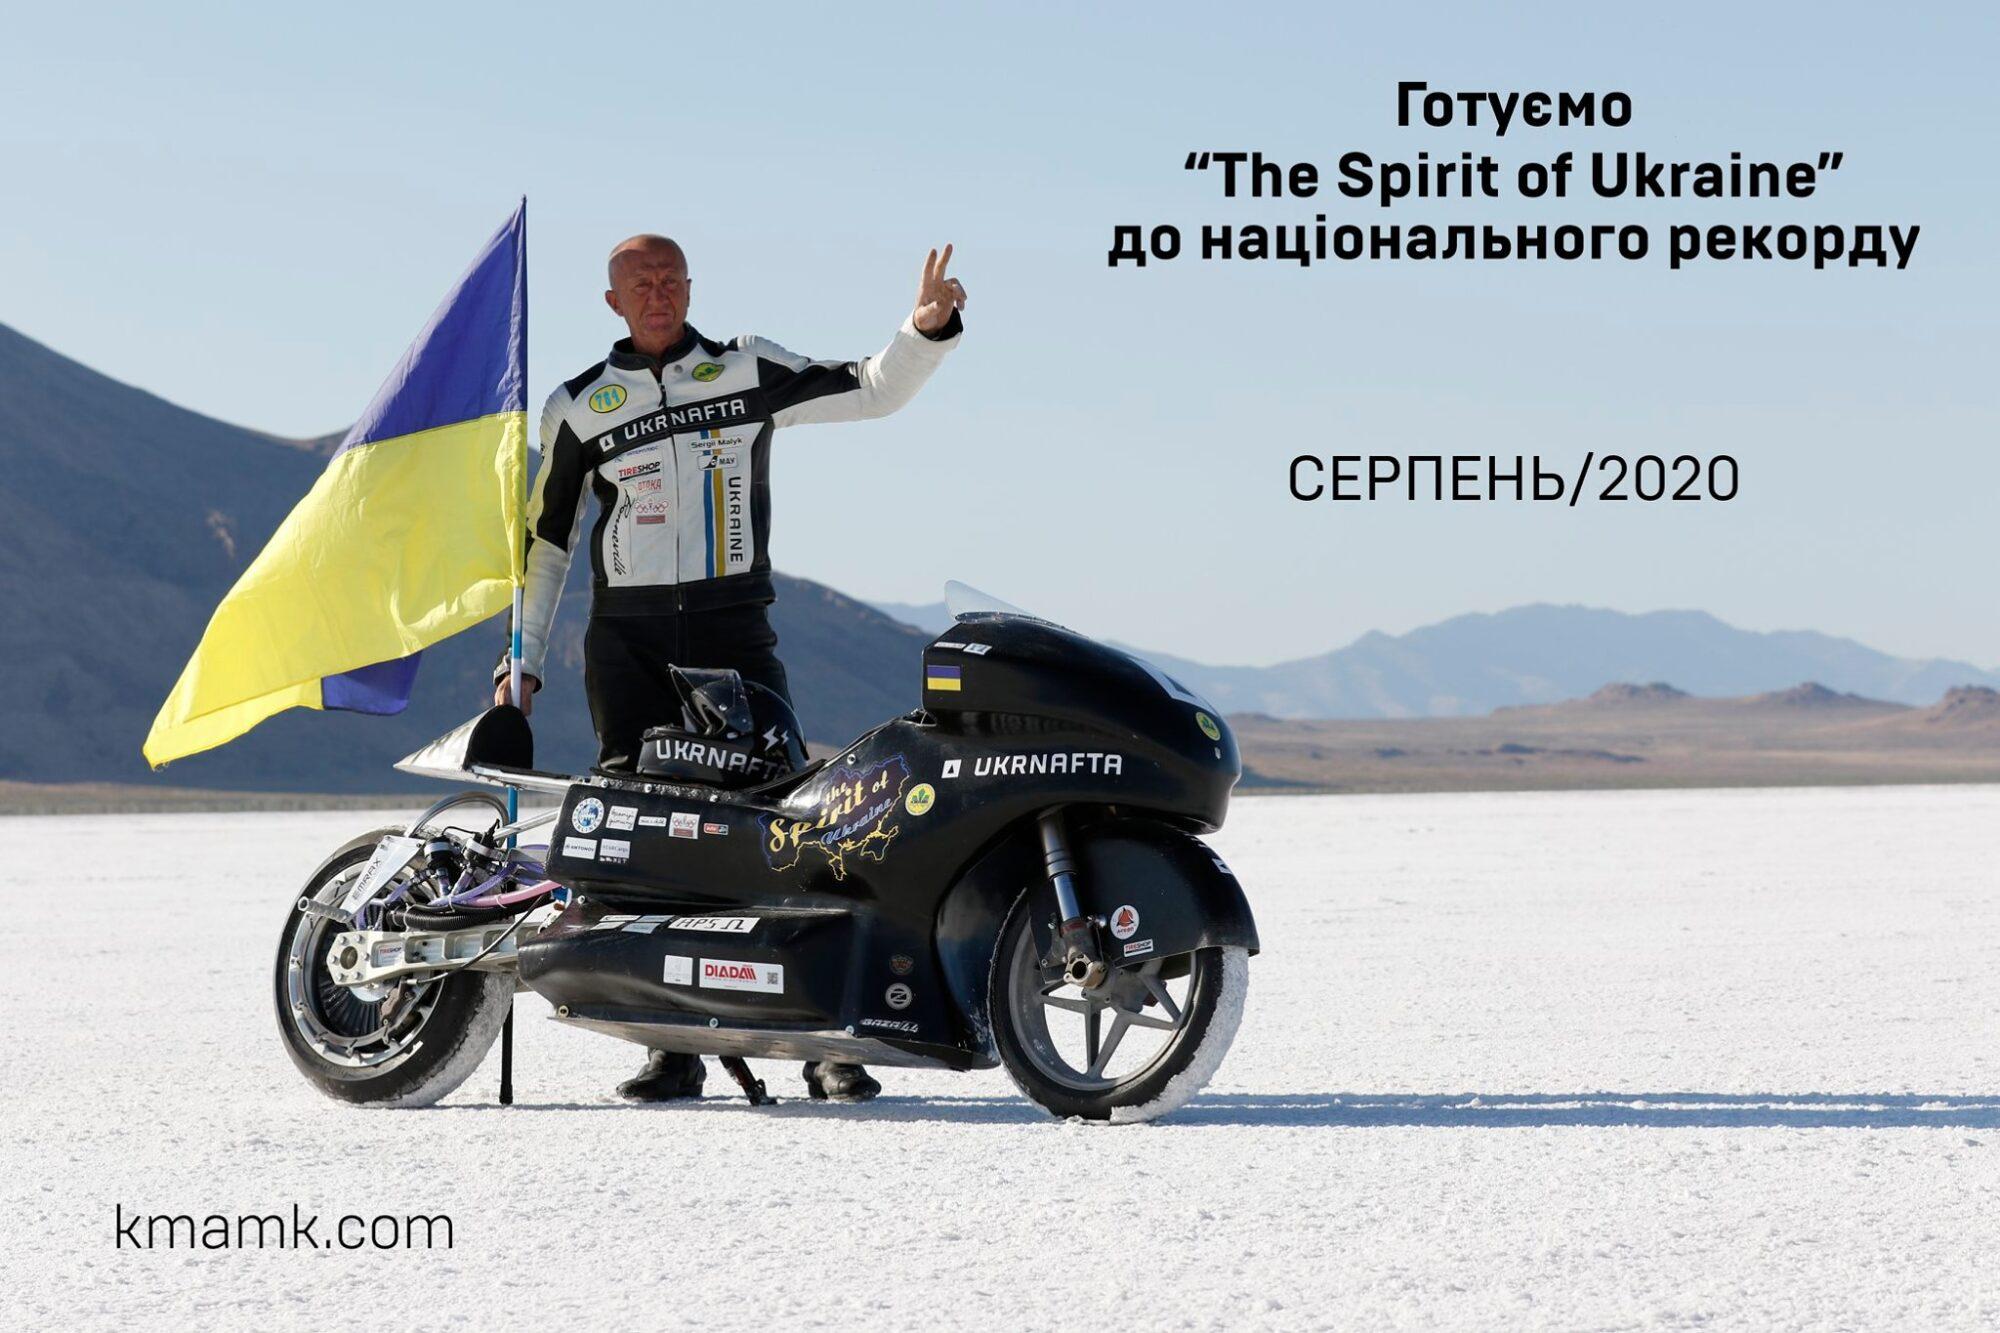 У Гостомелі в аеропорту встановлюватимуть рекорд швидкості на електромотоциклі - спорт, рекорд, мотоцикл, київщина, аеропорт - Rekord el motyk 2000x1333